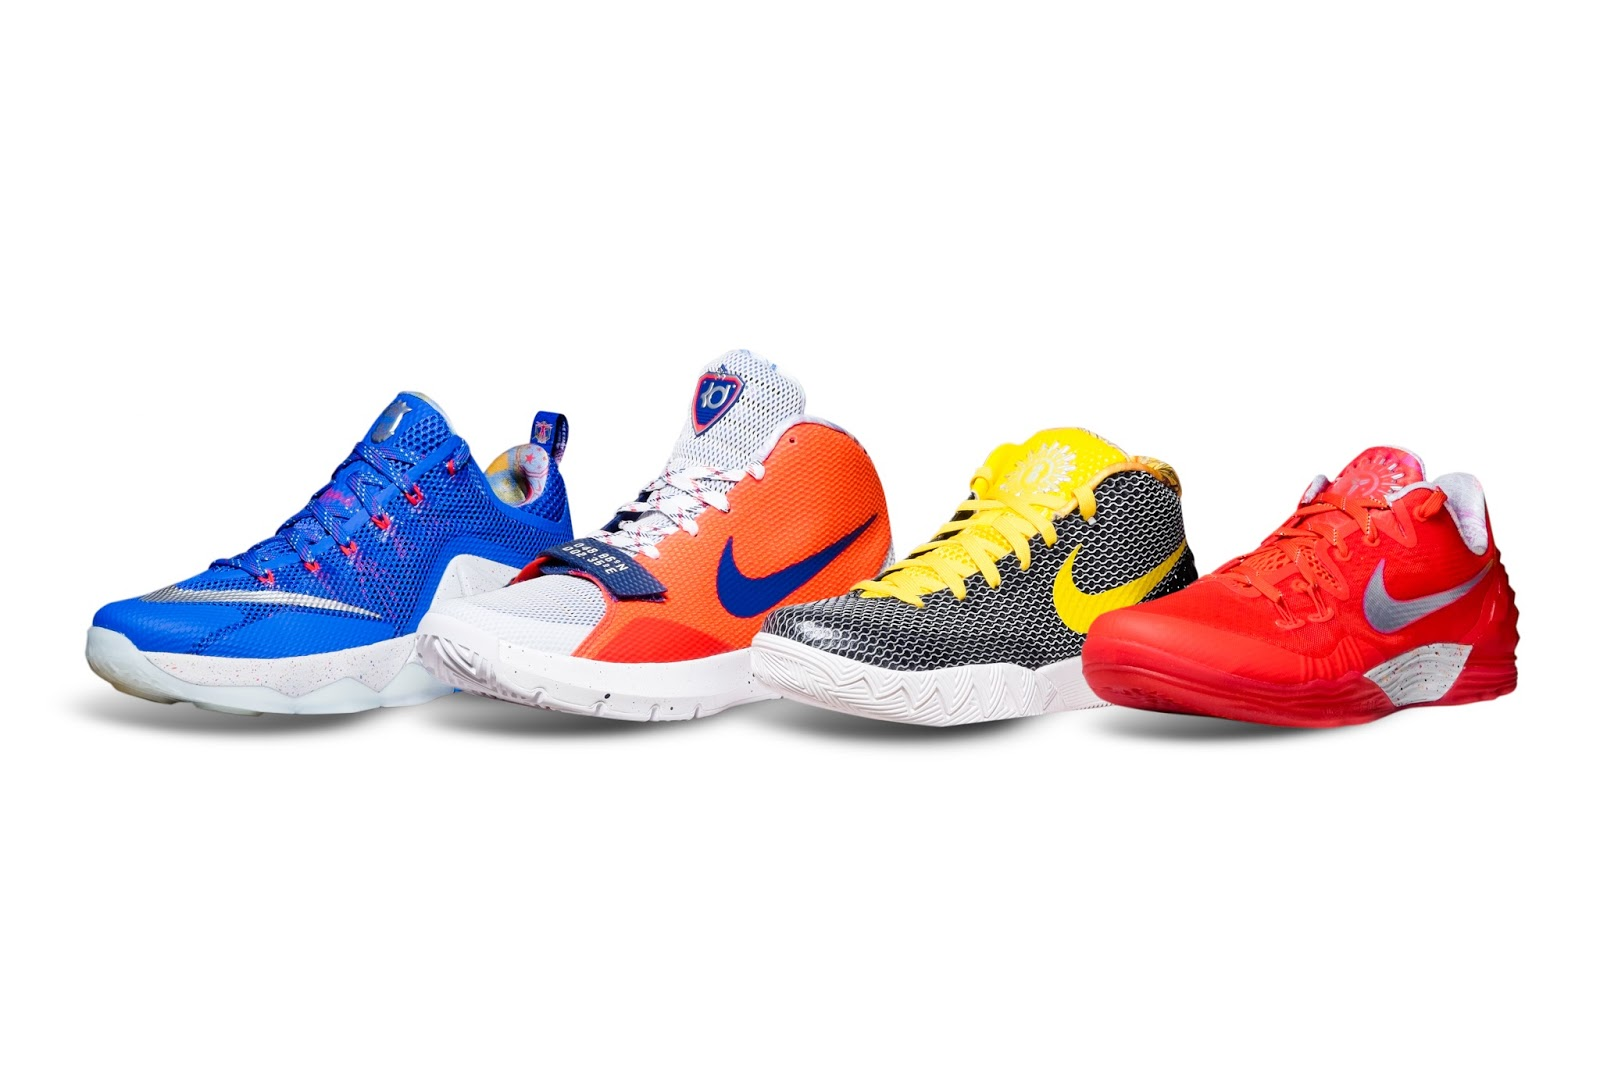 30bae6ed9 Nike Basketball